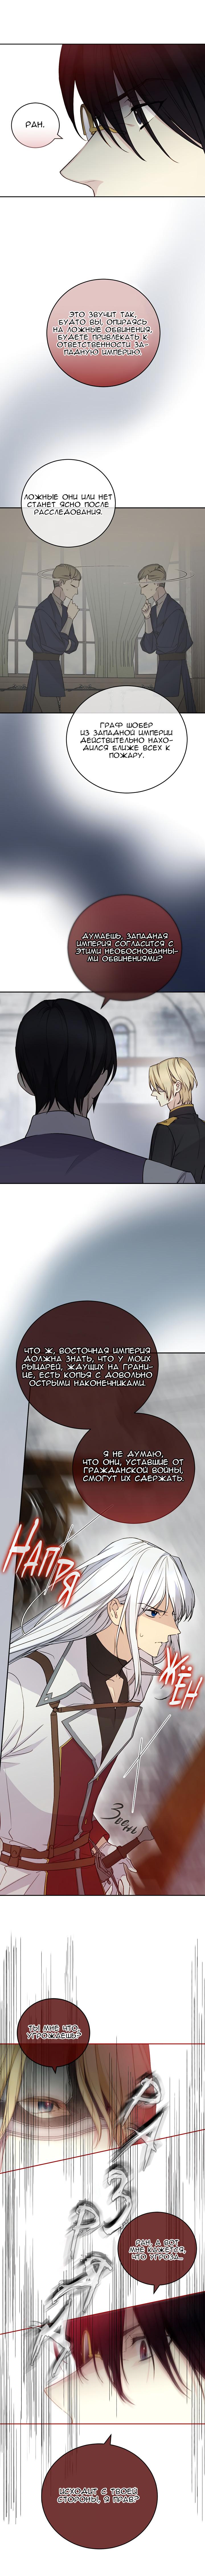 Манга Способная горничная / Capable maid  - Том 1 Глава 25 Страница 6